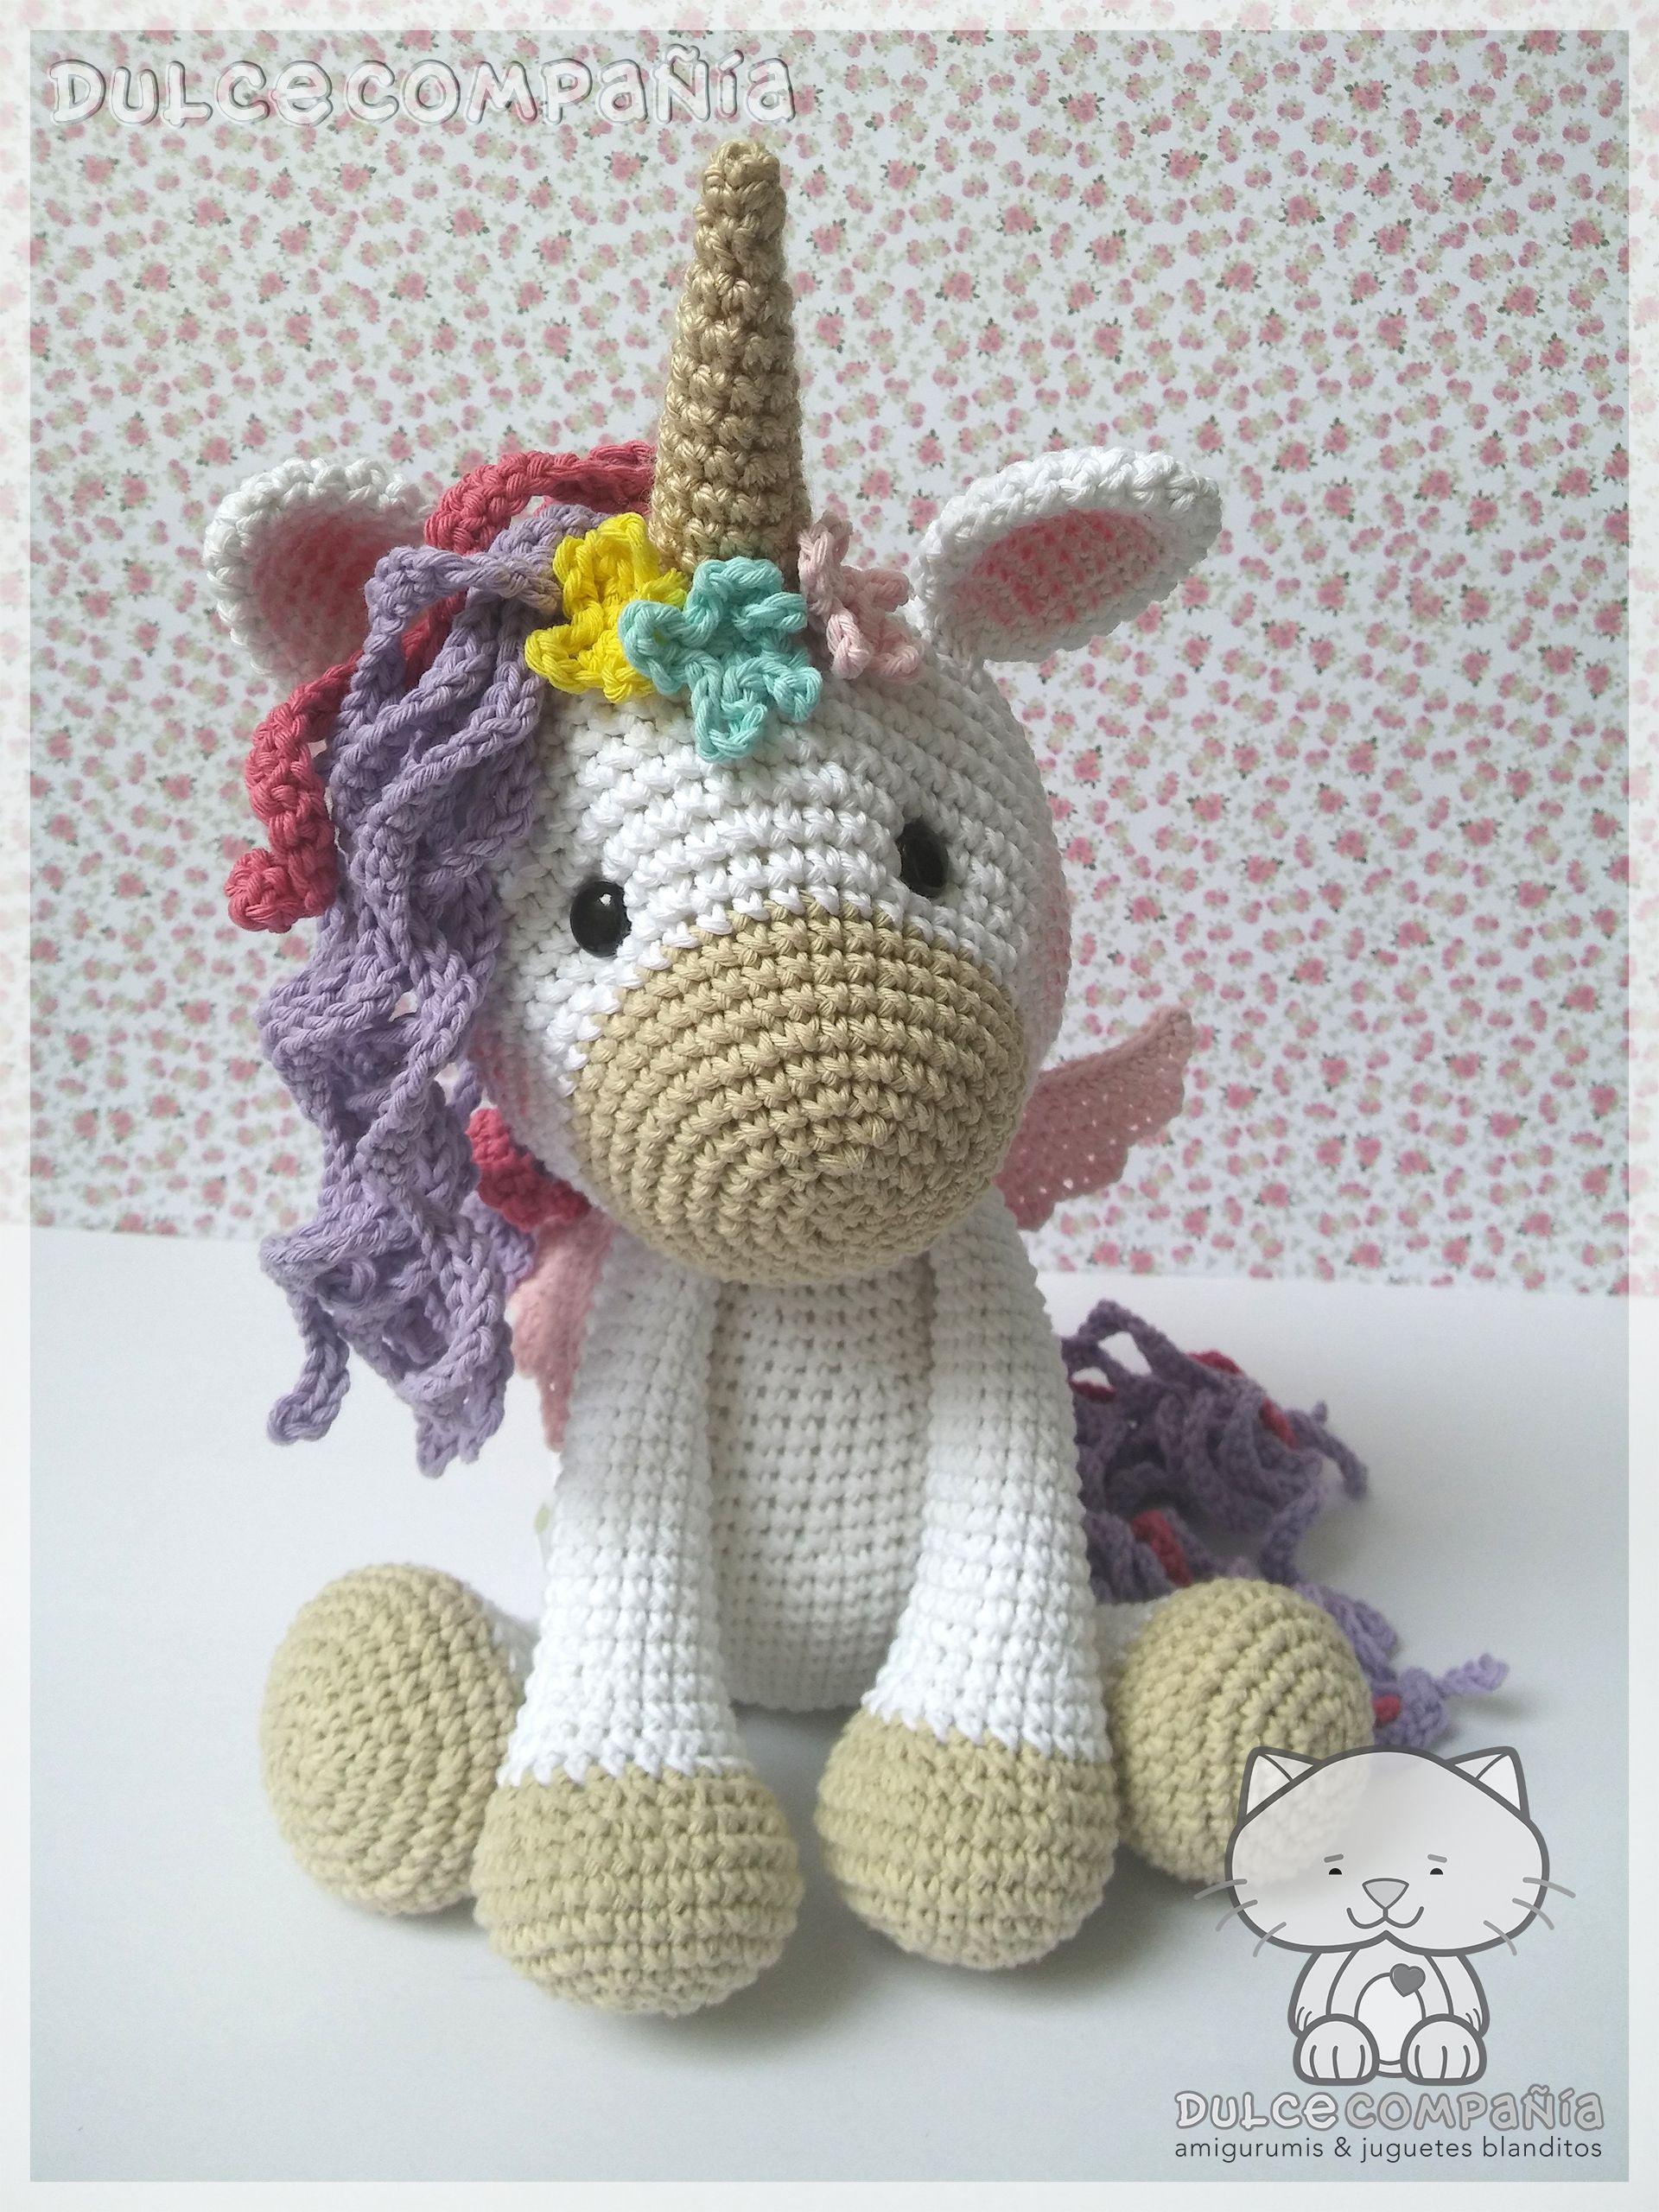 unicorn #unicornio #crochet #ganchillo #amigurumi #doll #muñeco ... | 2560x1920